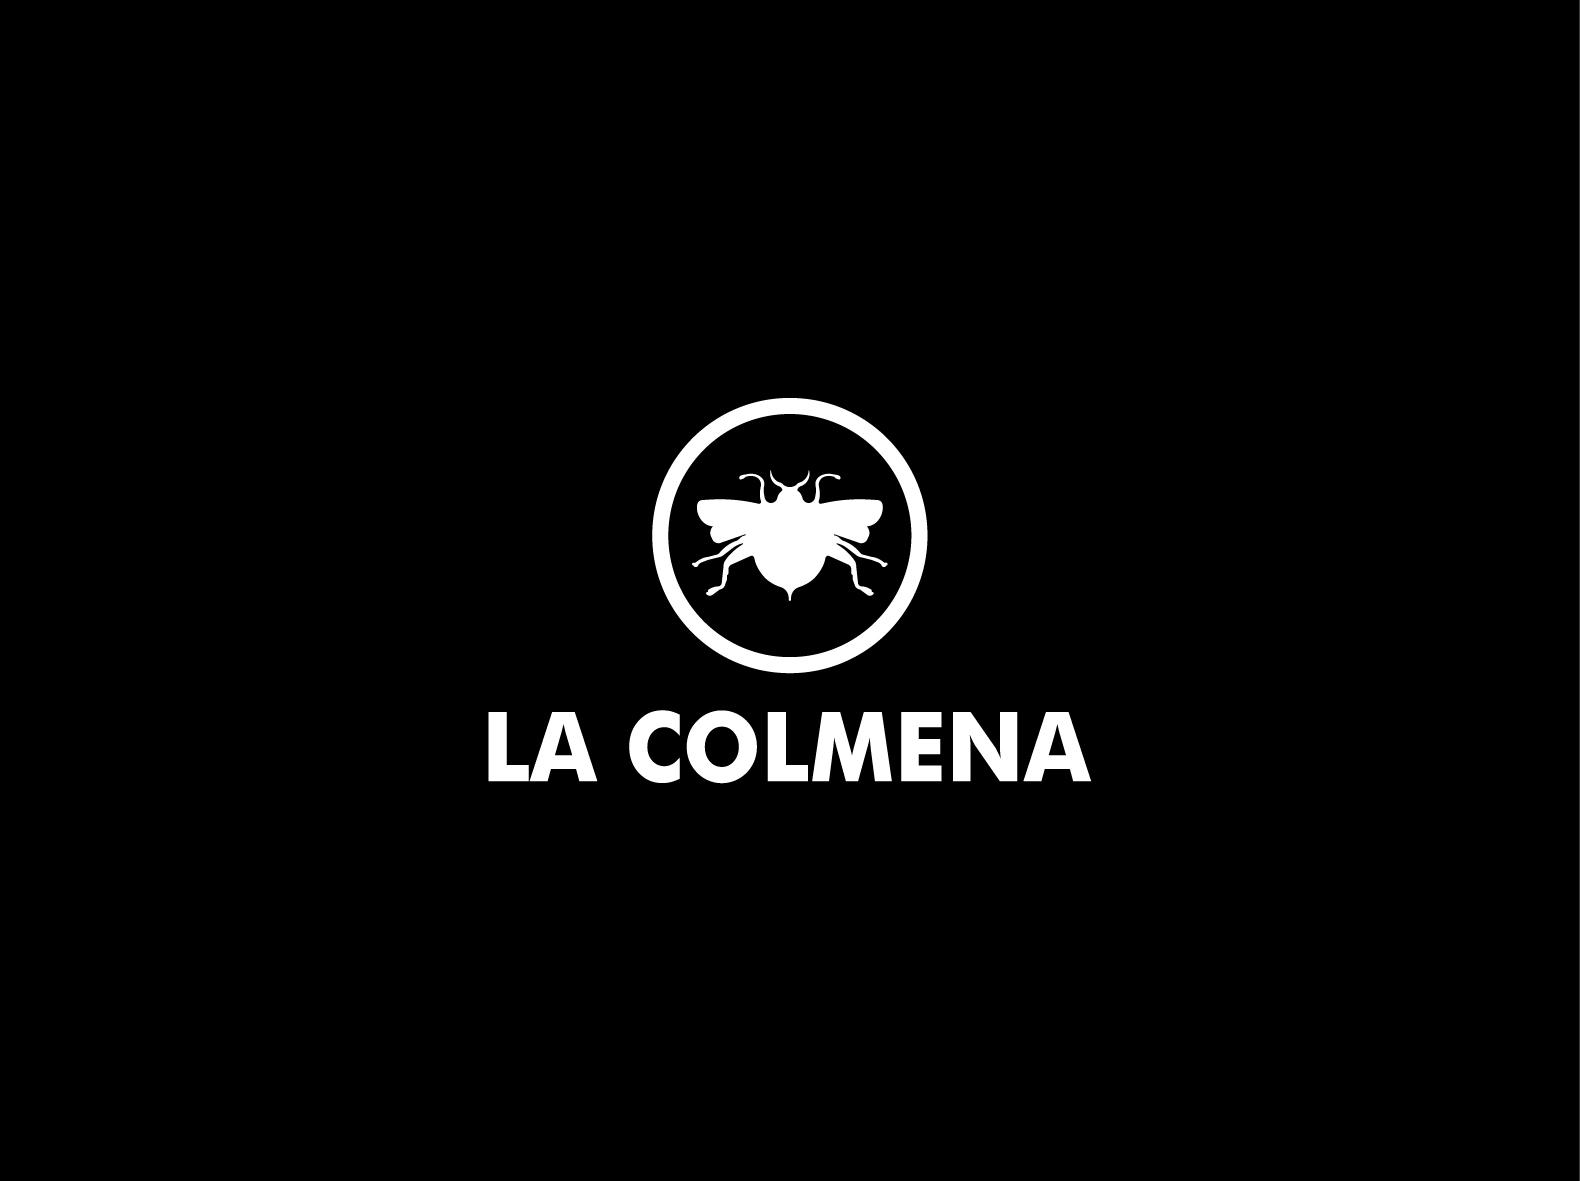 La Colmena | Branding